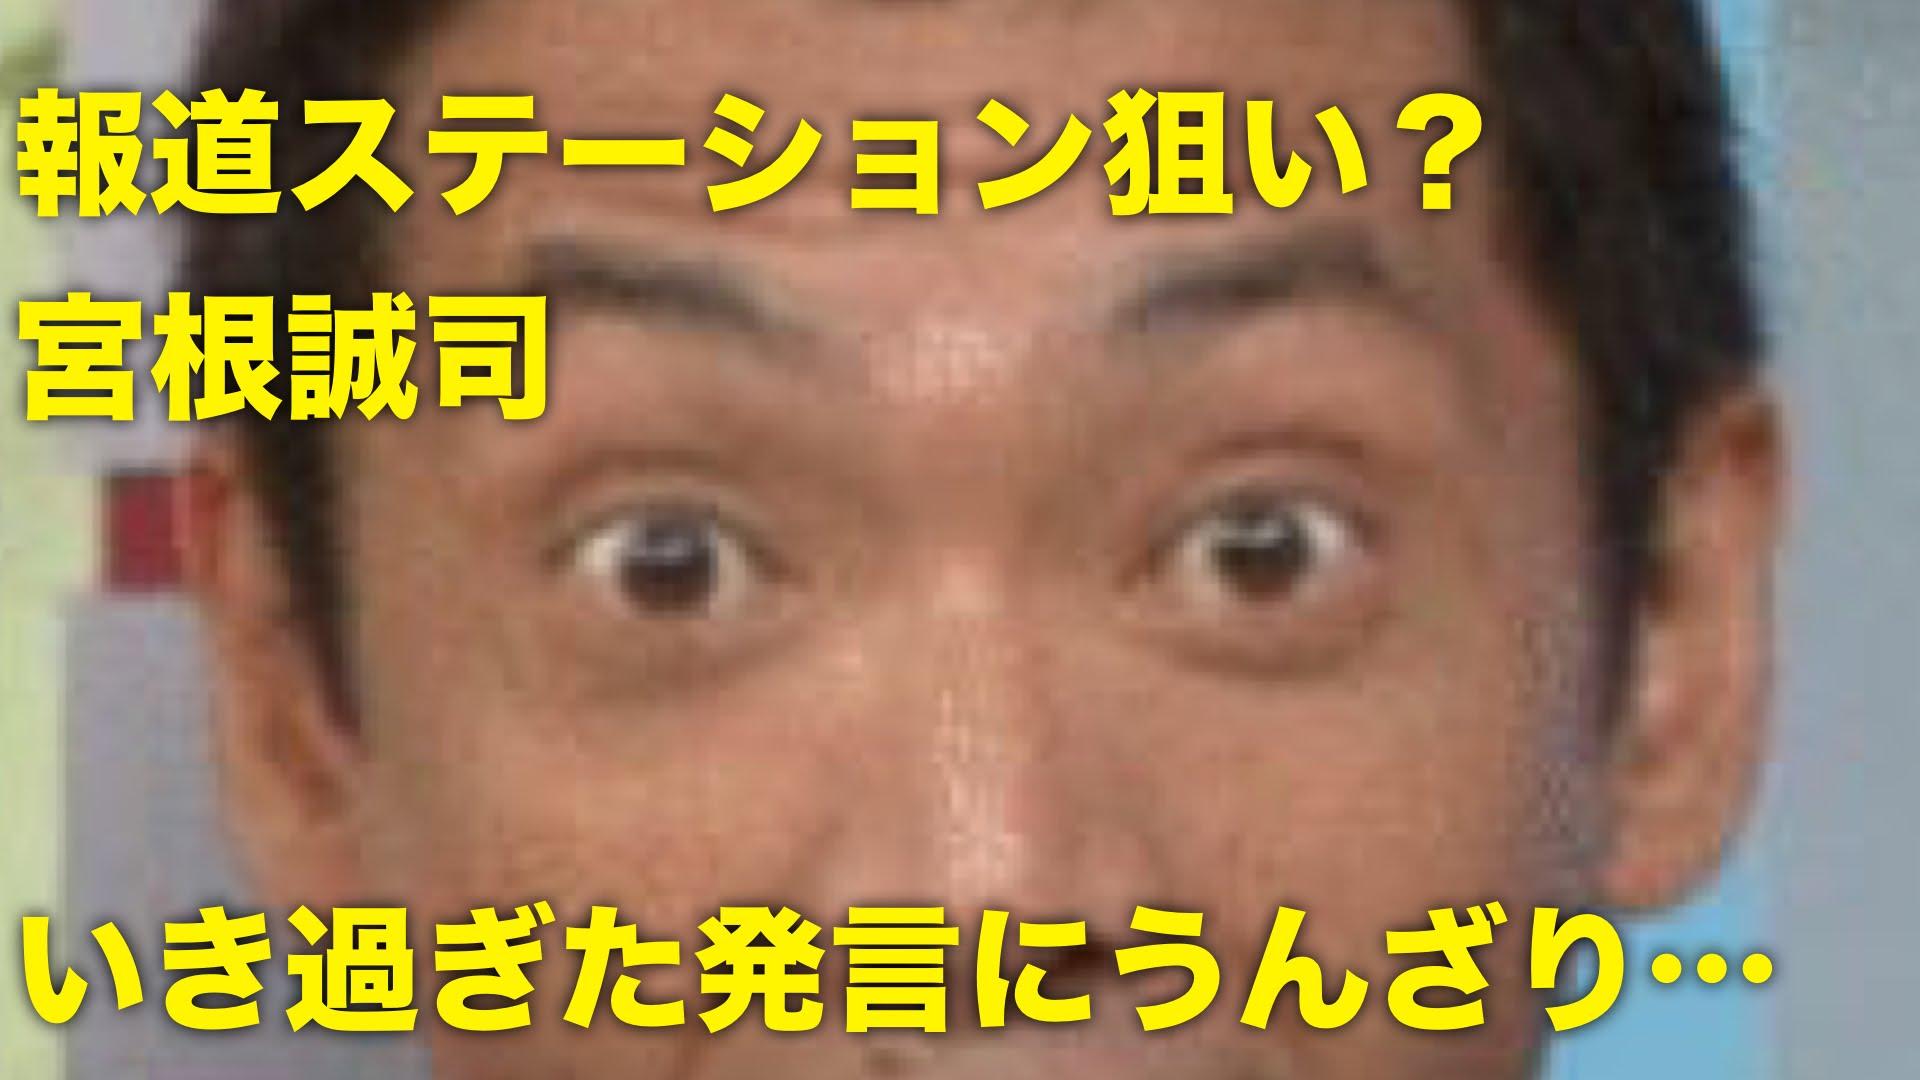 ミヤネ屋・宮根誠司『報道ステーションです』それって放送事故でしょ?